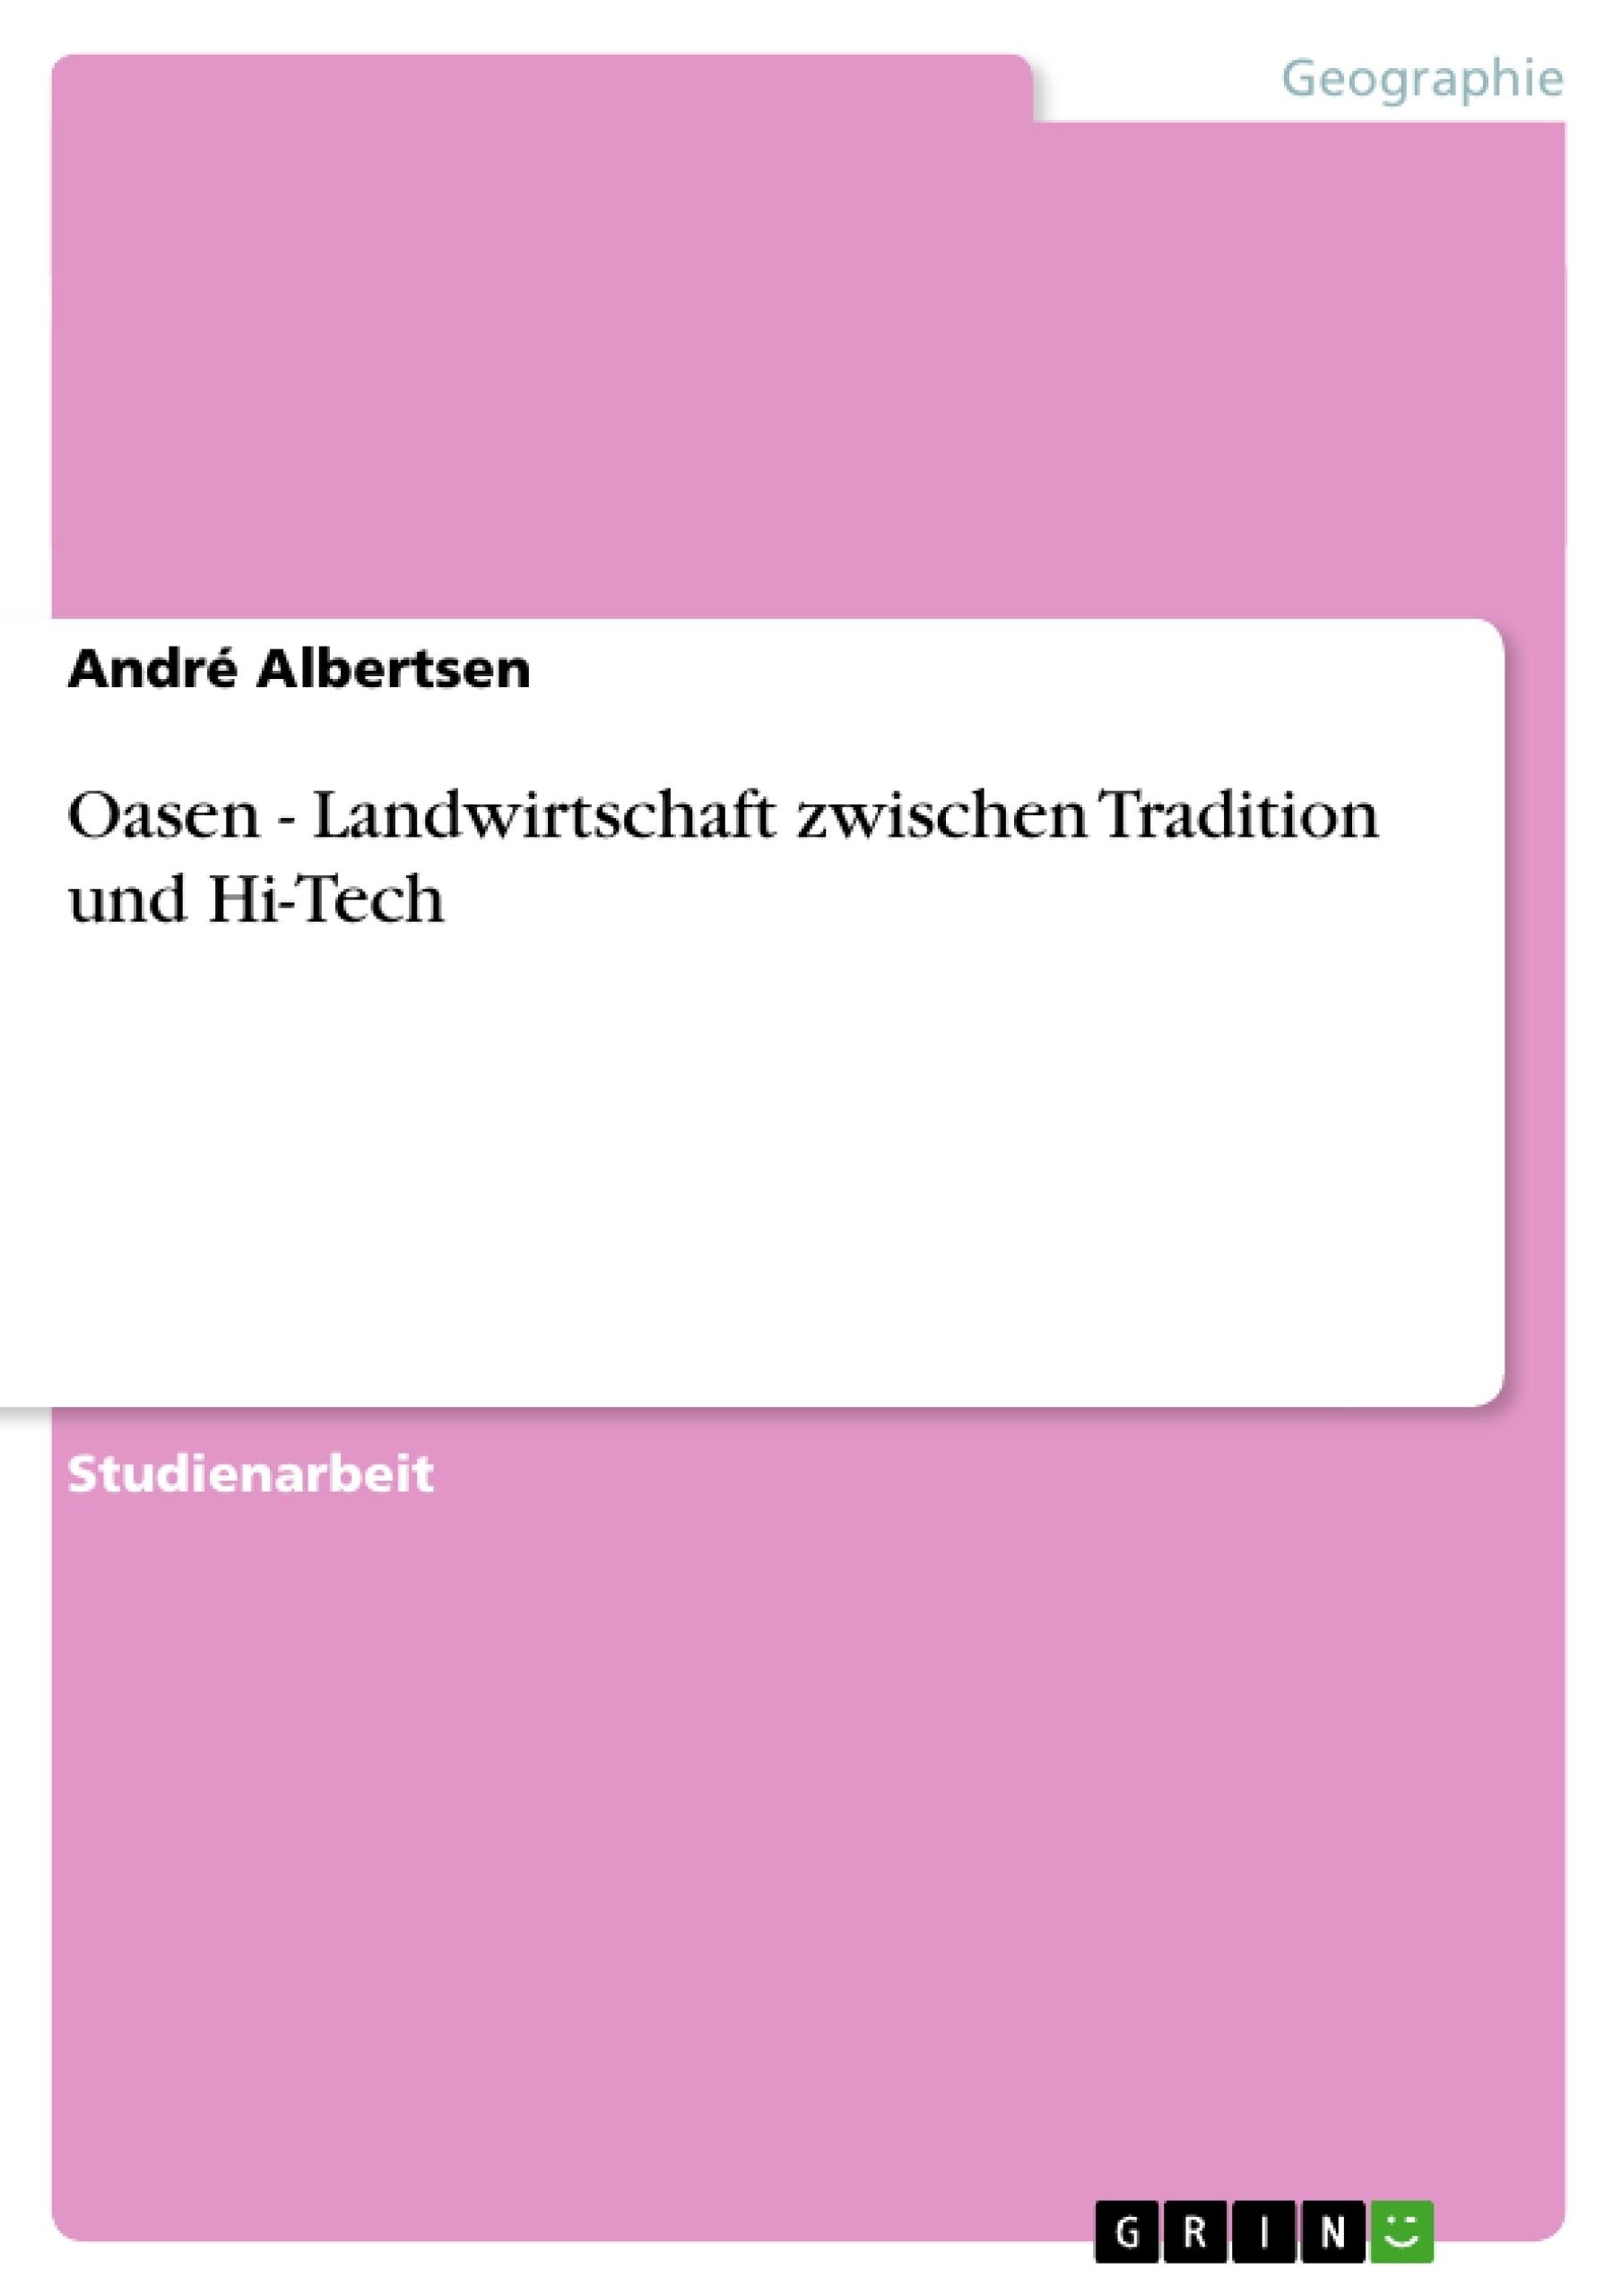 Titel: Oasen - Landwirtschaft zwischen Tradition und Hi-Tech